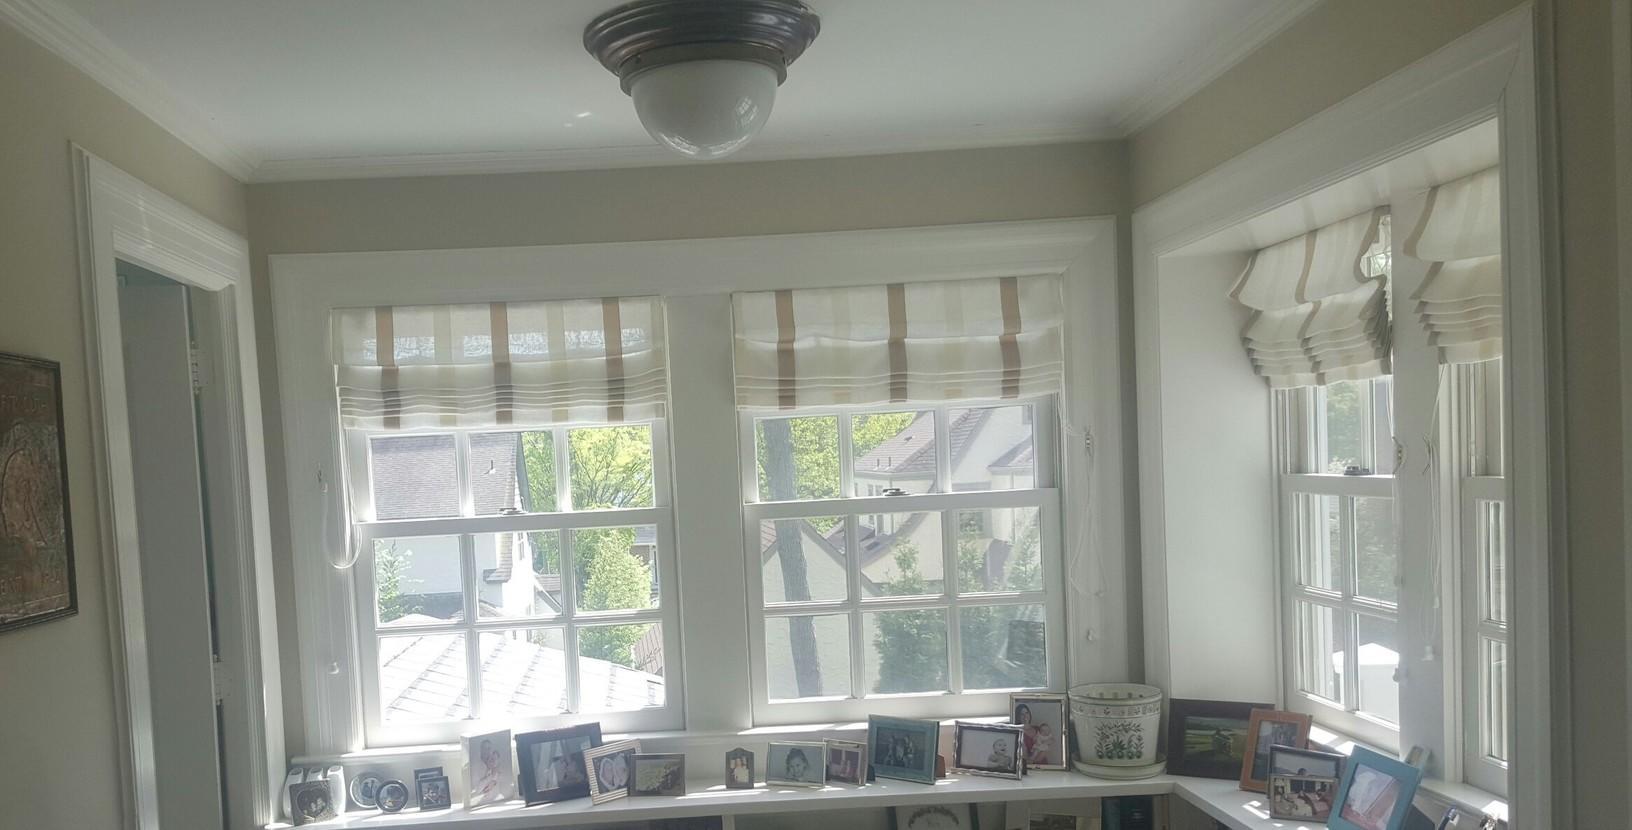 Replacing Sunroom Windows in Ridgewood, NJ